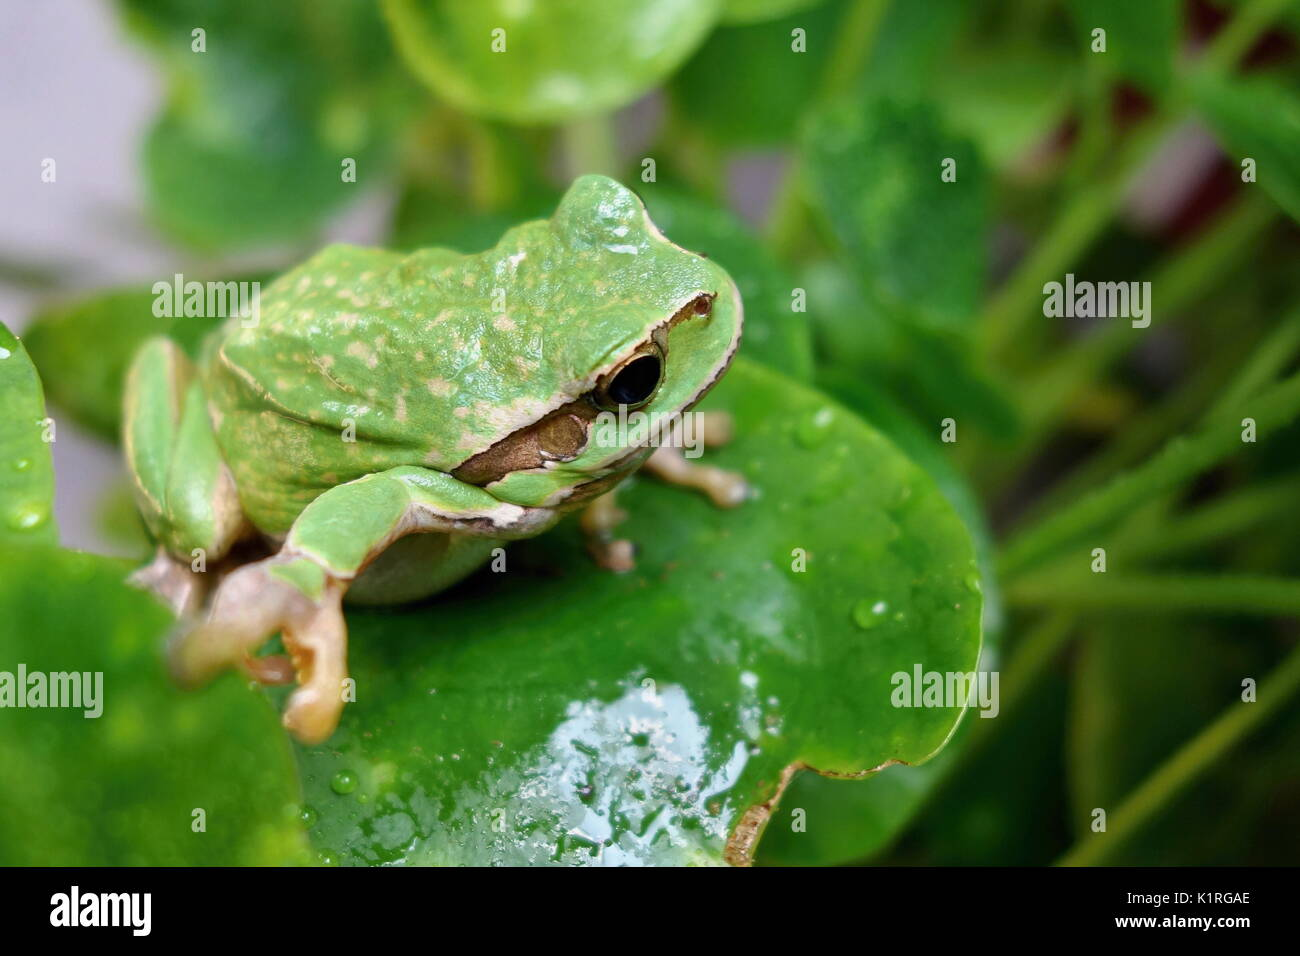 Schöne grüne Amphibienarten Laubfrosch, Hyla arborea, sitzen auf Gras Lebensraum. Stockbild